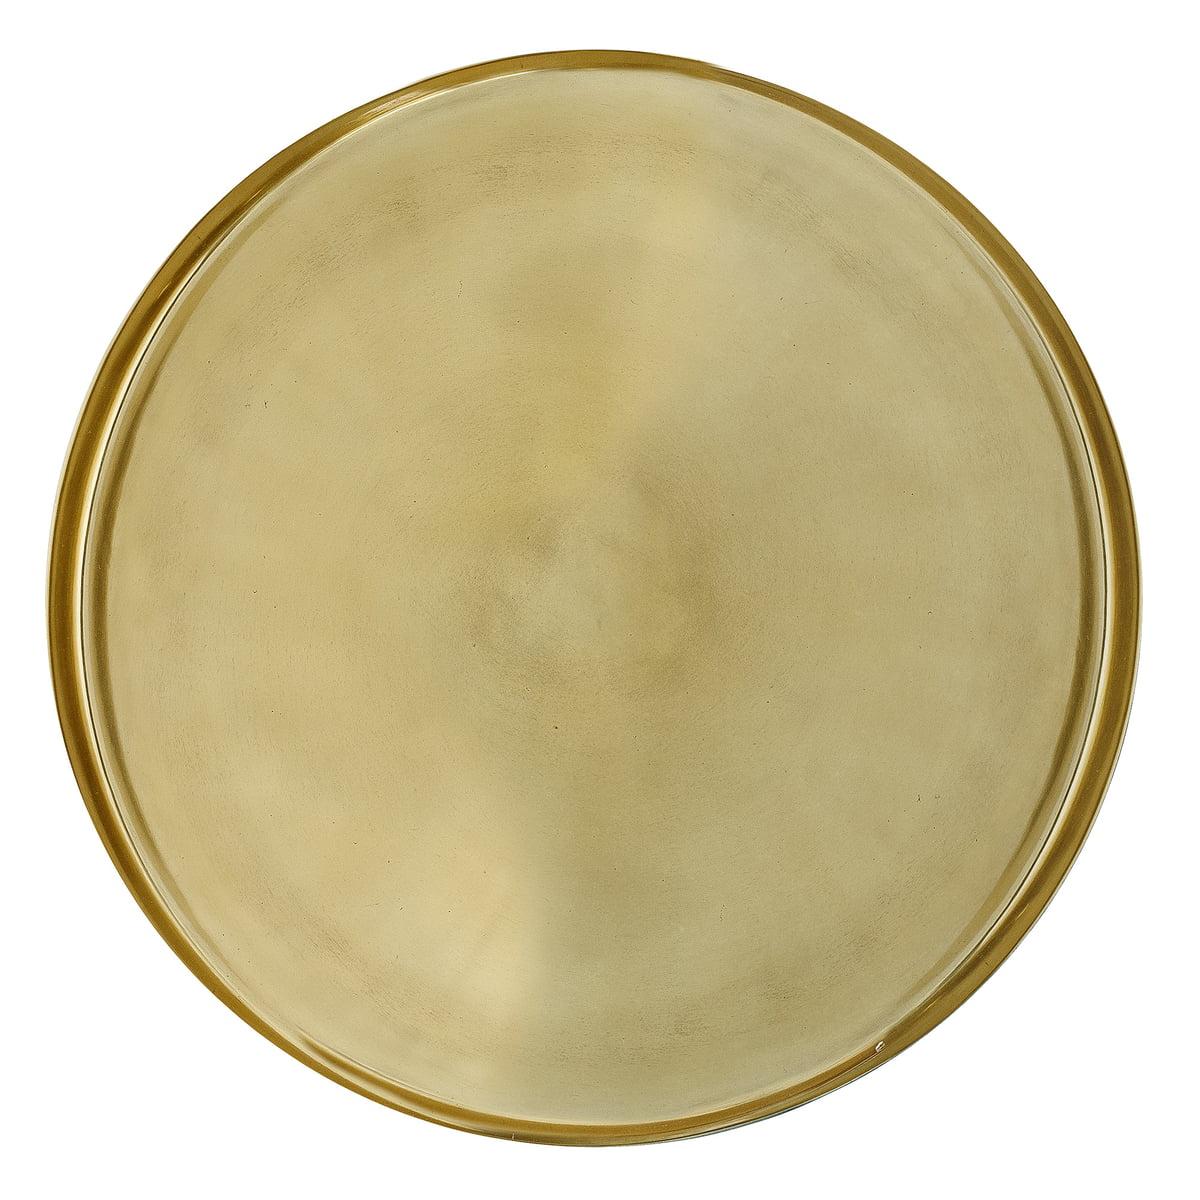 Bloomingville - Tablett, Ø 50 x H 2,5 cm, gold | Dekoration > Aufbewahrung und Ordnung > Schalen | Gold | Bloomingville